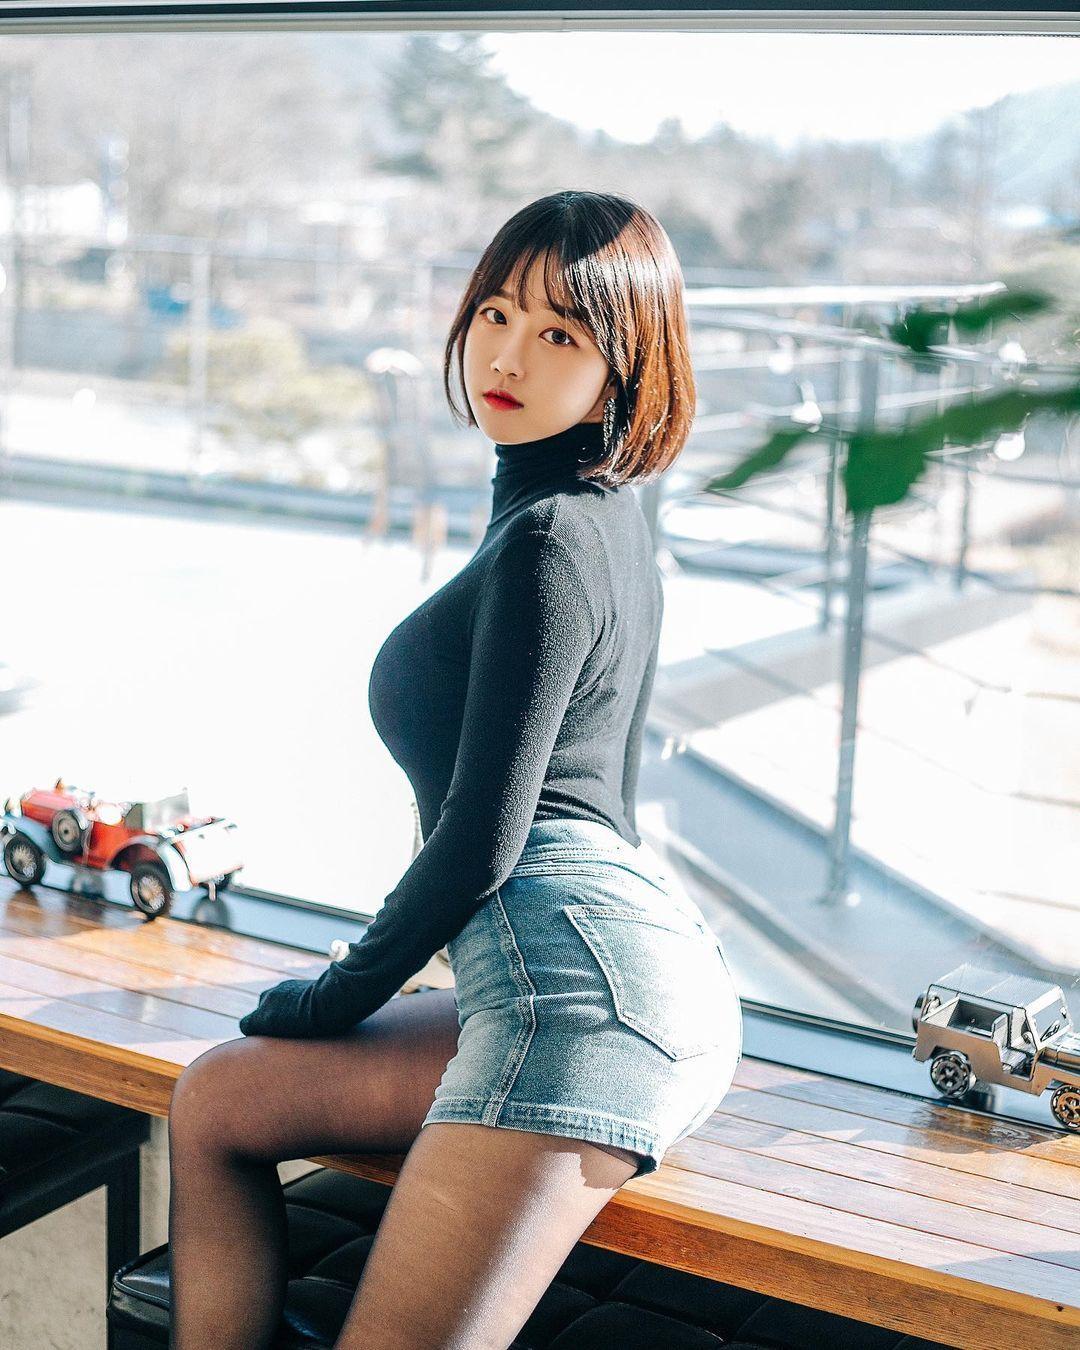 韩国人气外拍模特Rumi结实腹肌+S型曲线辣到喷火